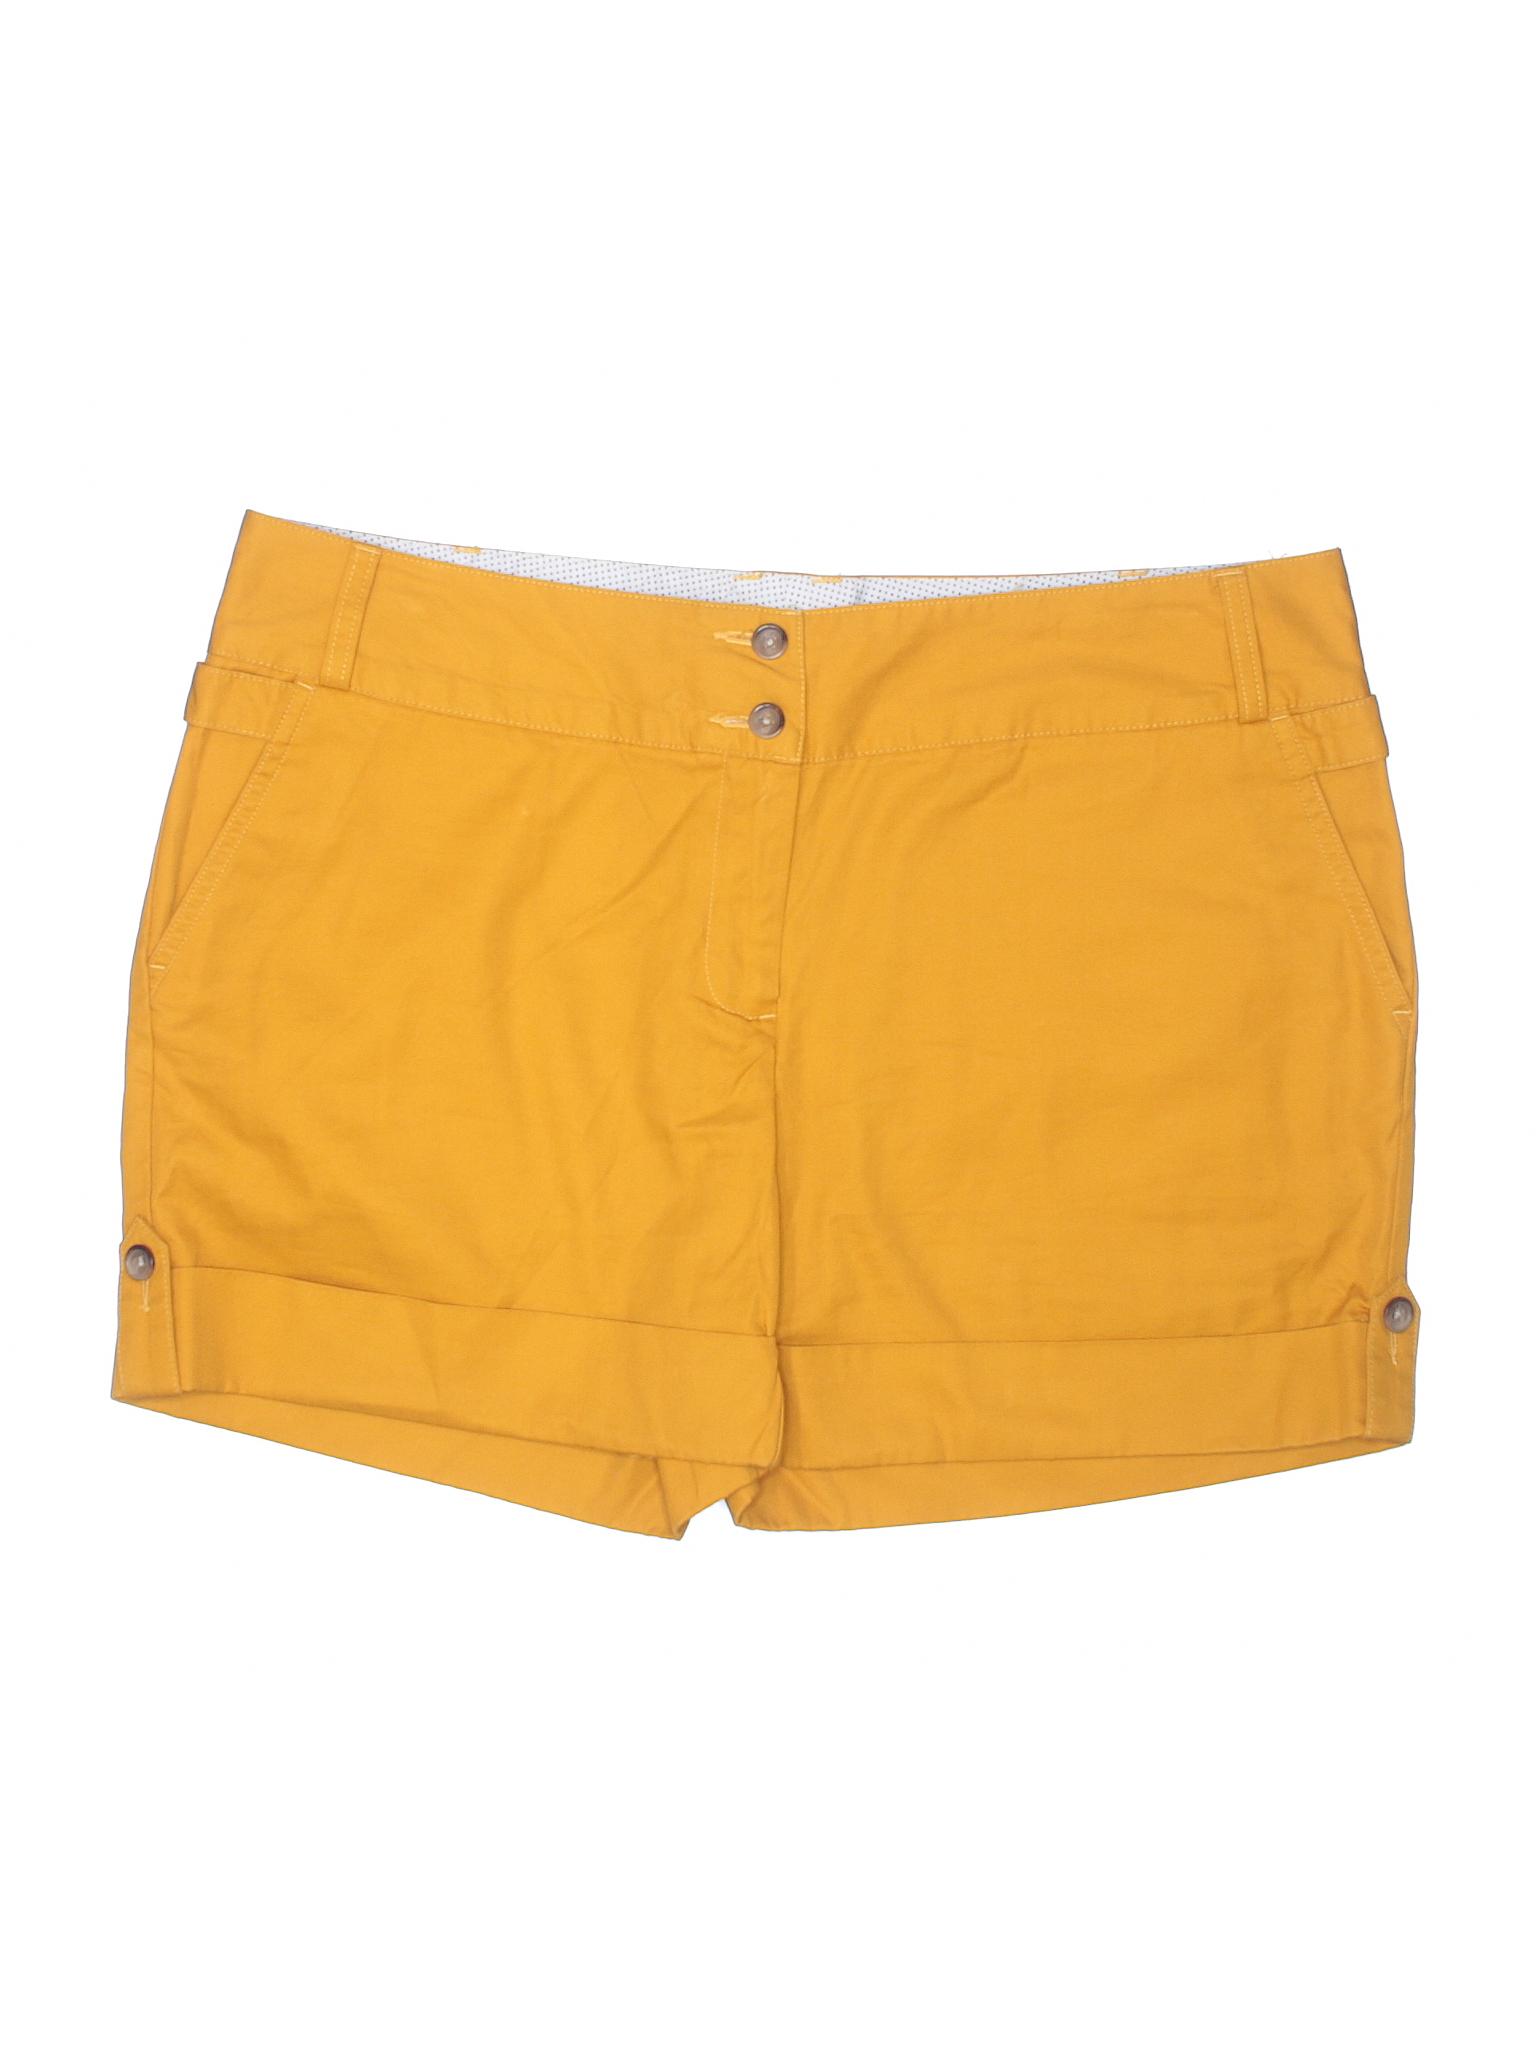 Boutique Khaki Lands' End End Shorts Lands' Khaki End Boutique Shorts Boutique Lands' ZBqTFO